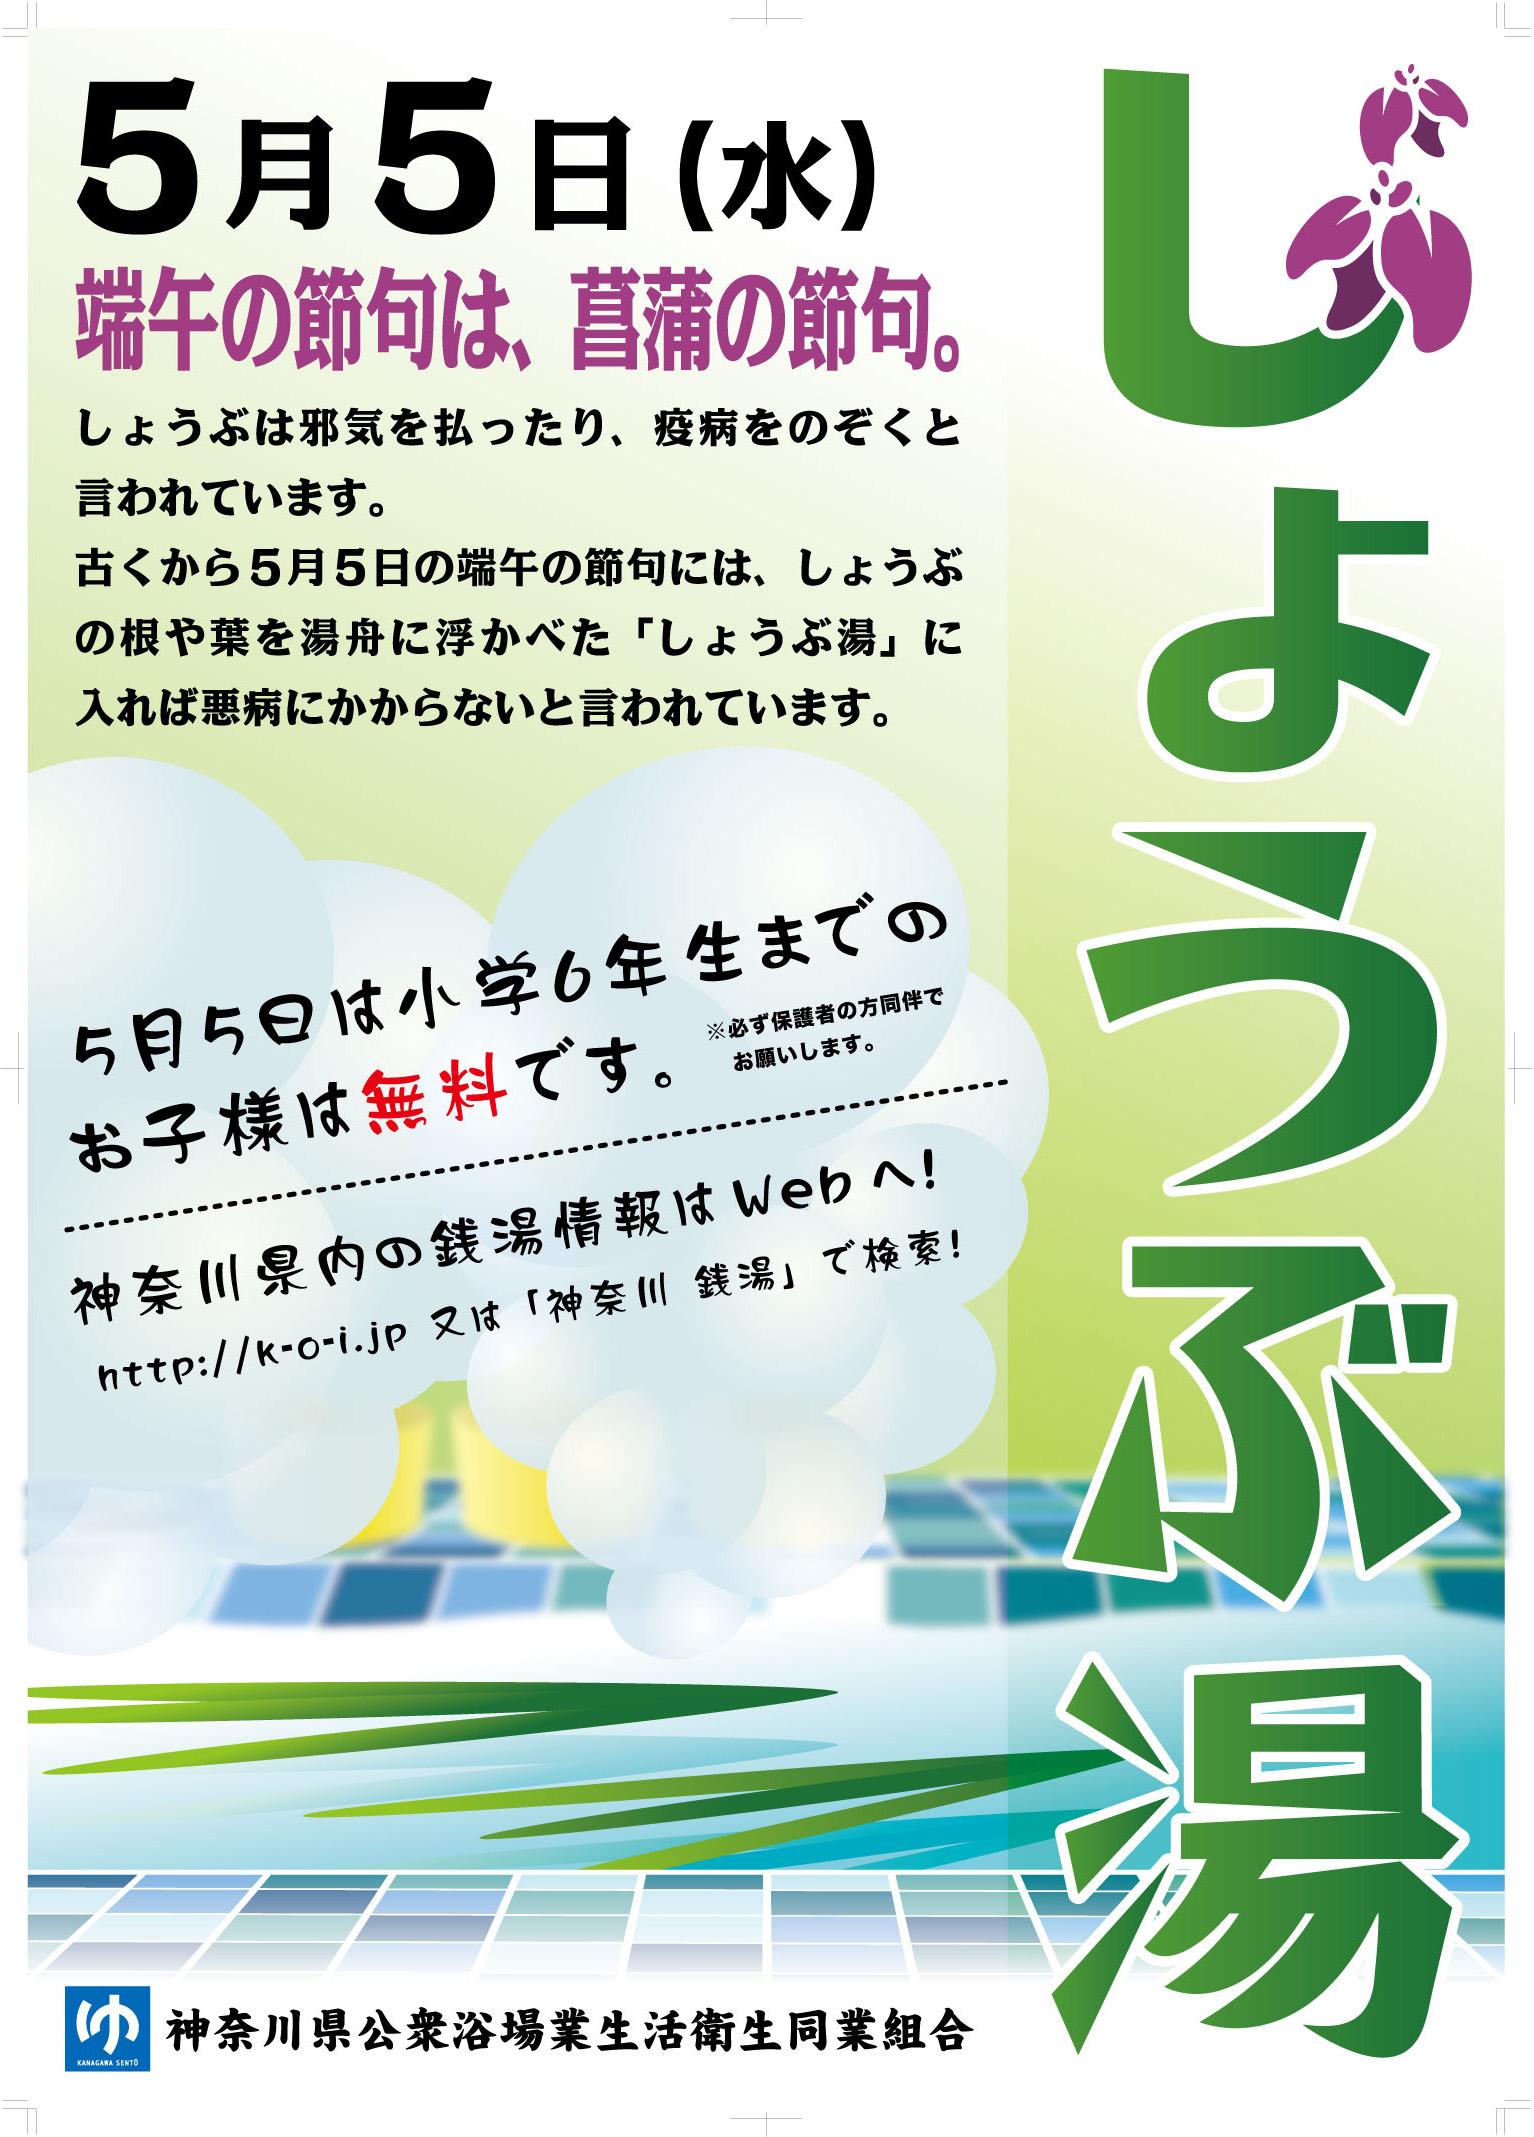 http://k-o-i.jp/entry-image/KOI_design.jpg